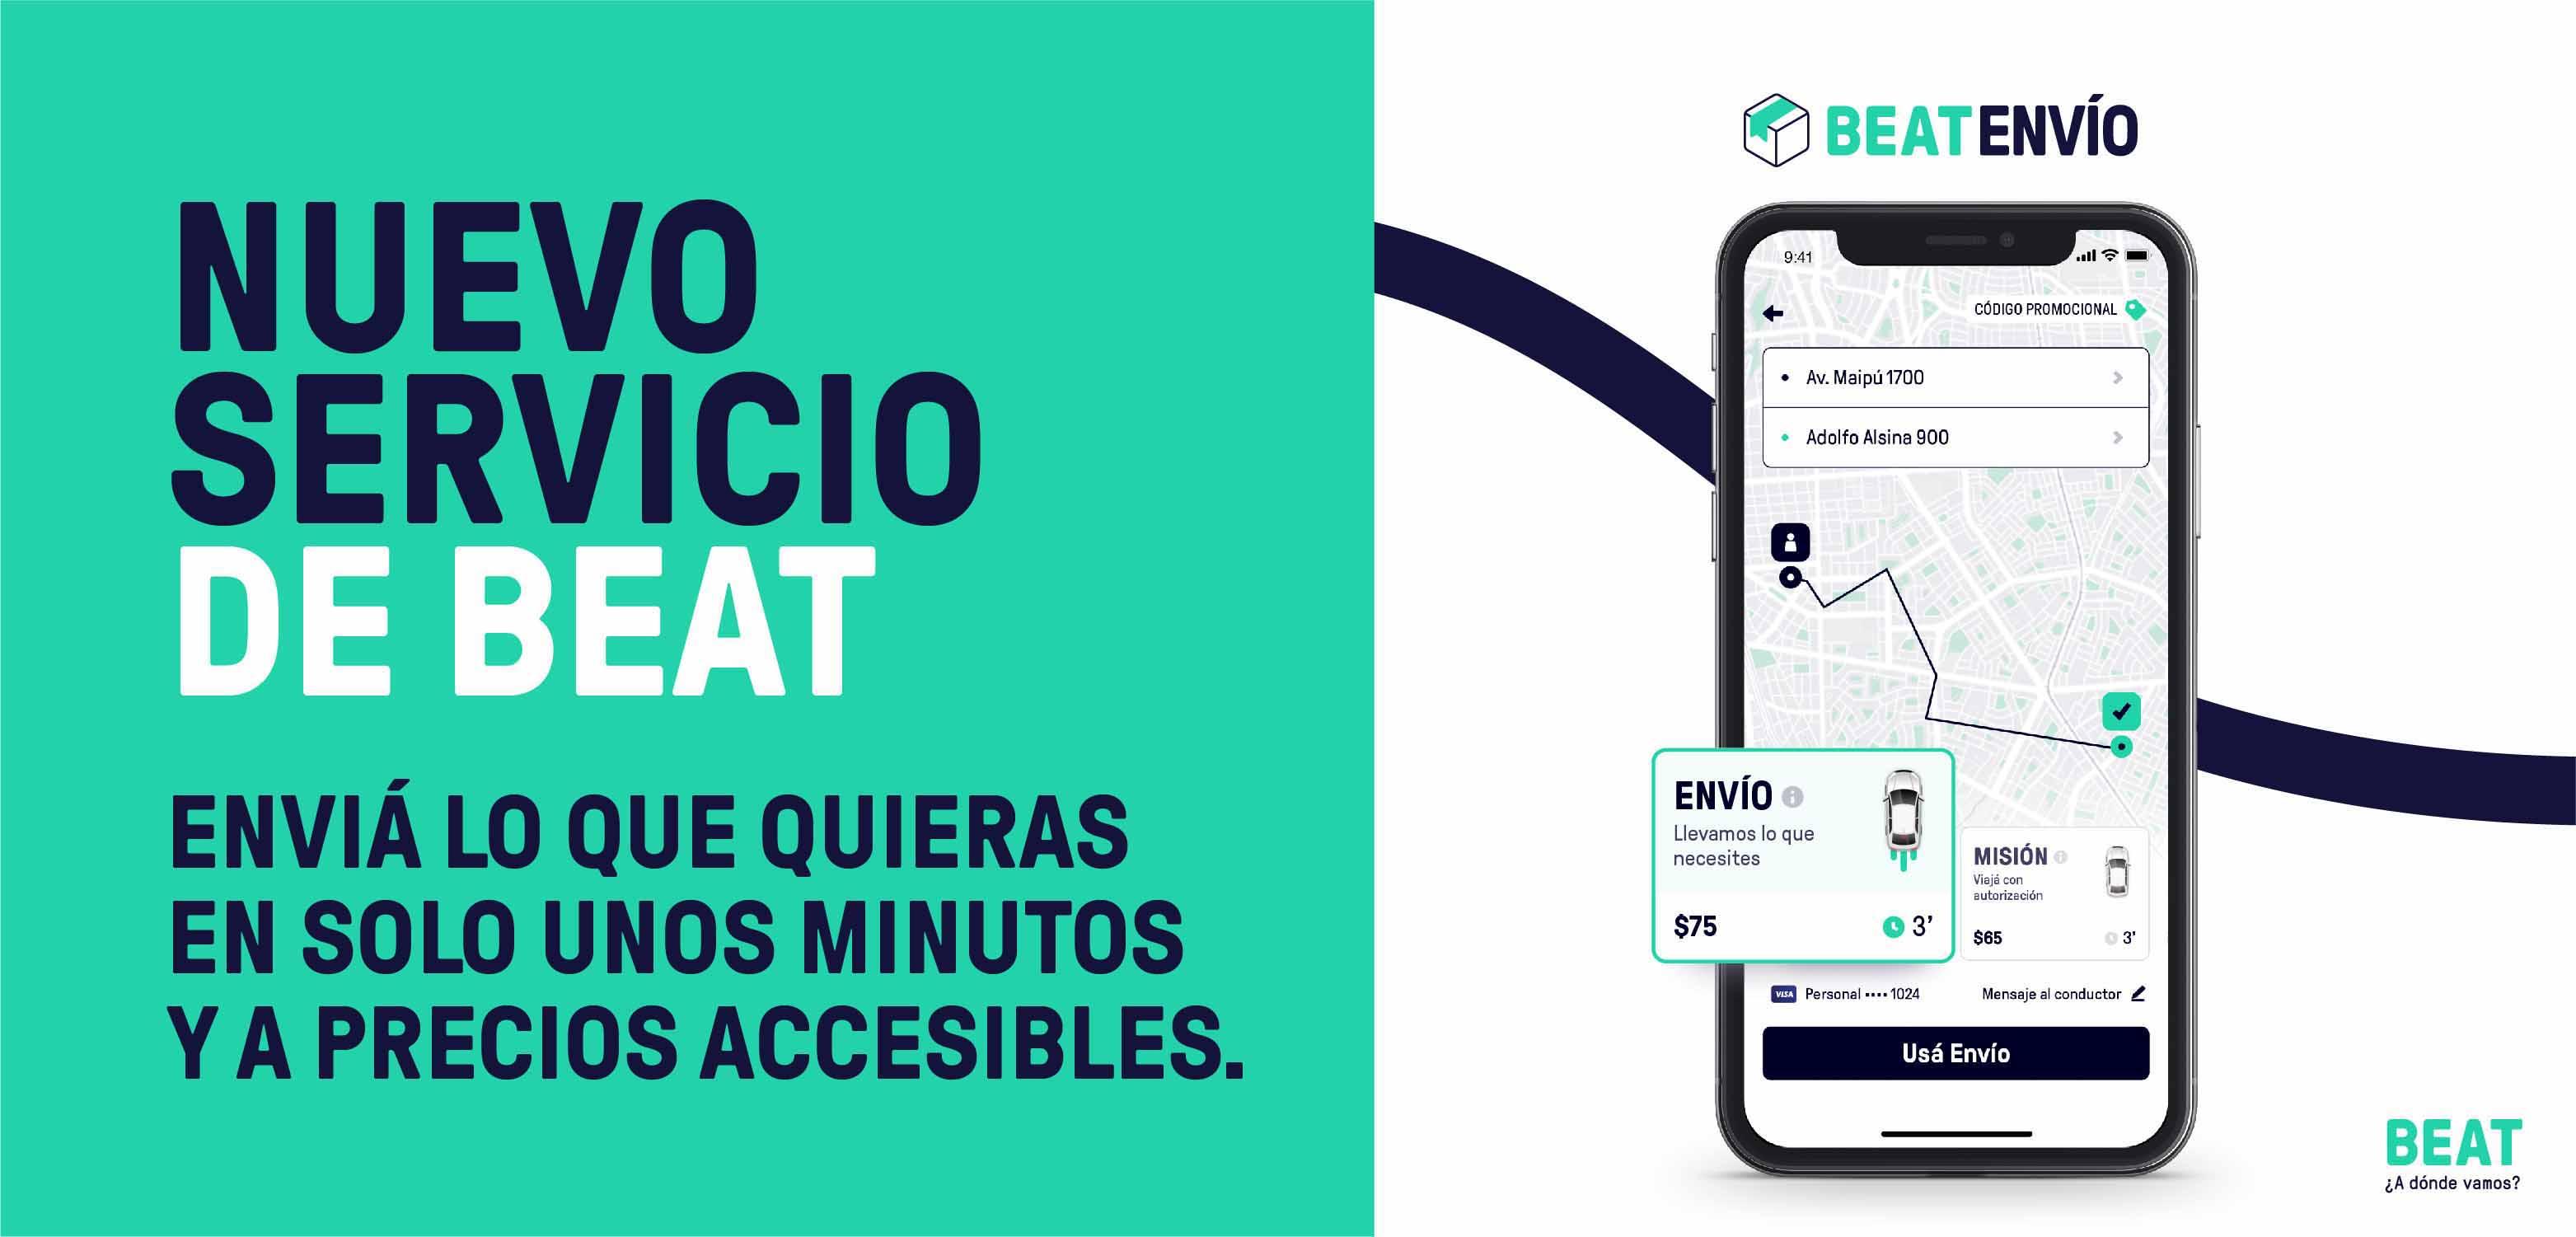 Beat fue la primera app de movilidad en lanzar el servicio de Envíos cuando comenzó la cuarentena y la competencia la siguió